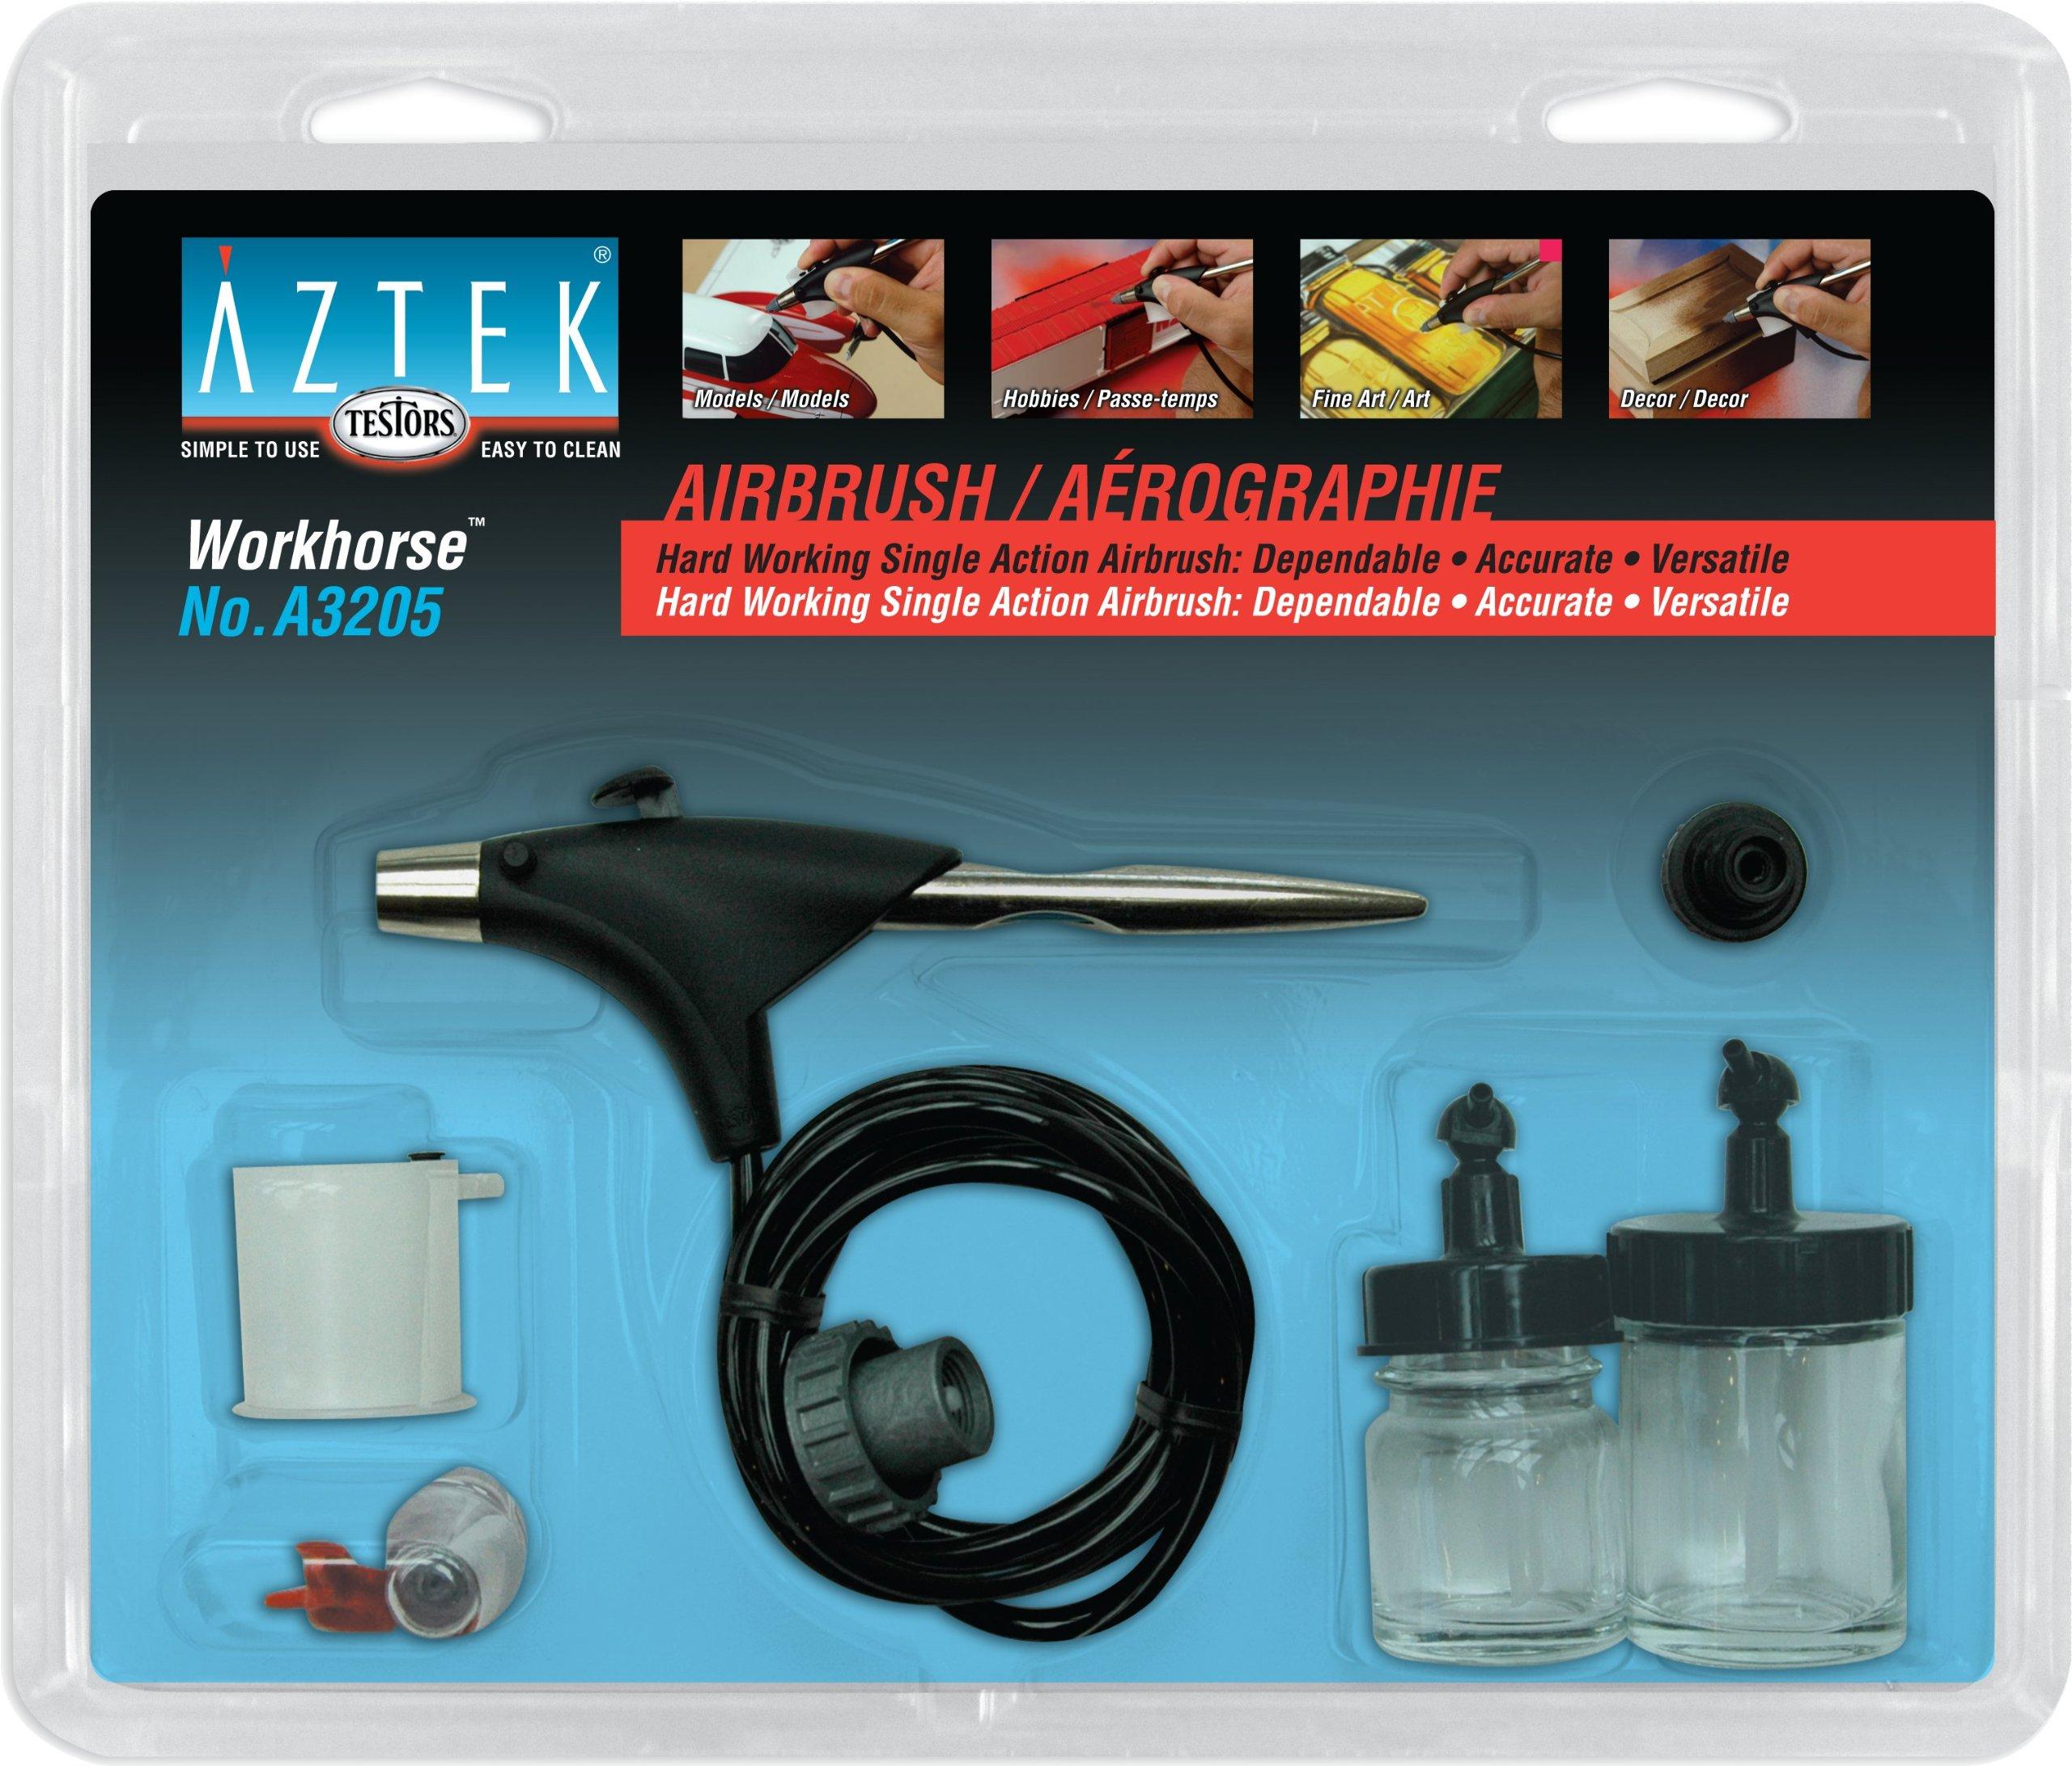 Aztek A320 Workhorse Airbrush Set